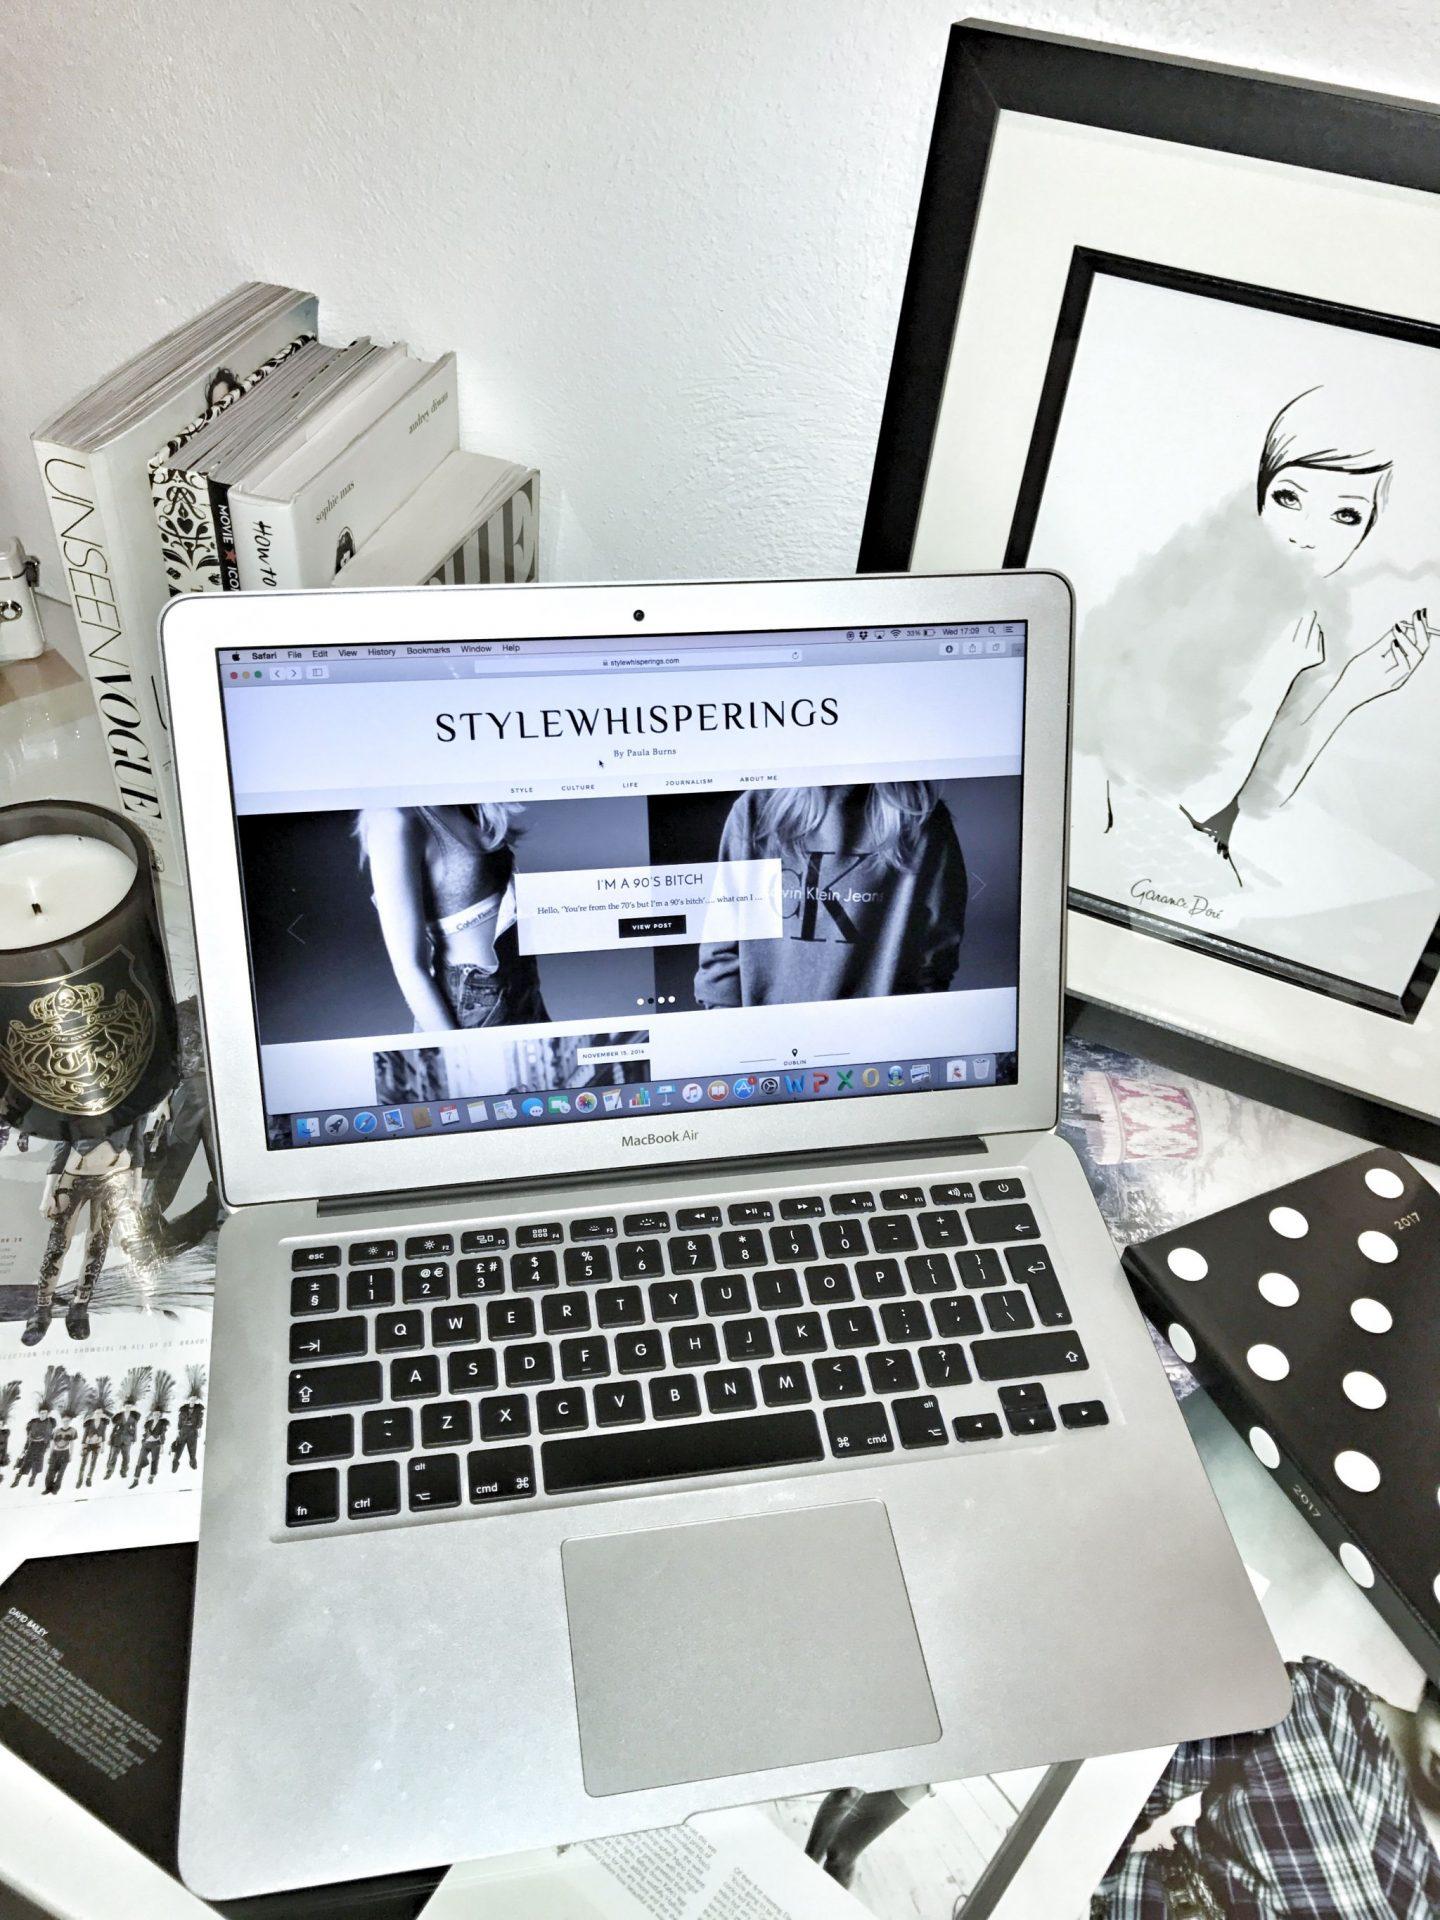 stylewhisperings